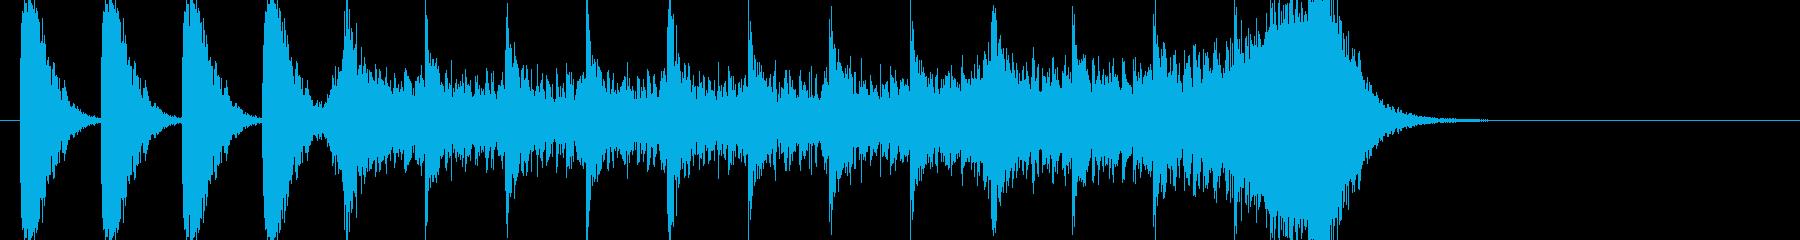 ストリングスメインの映画予告風BGMの再生済みの波形